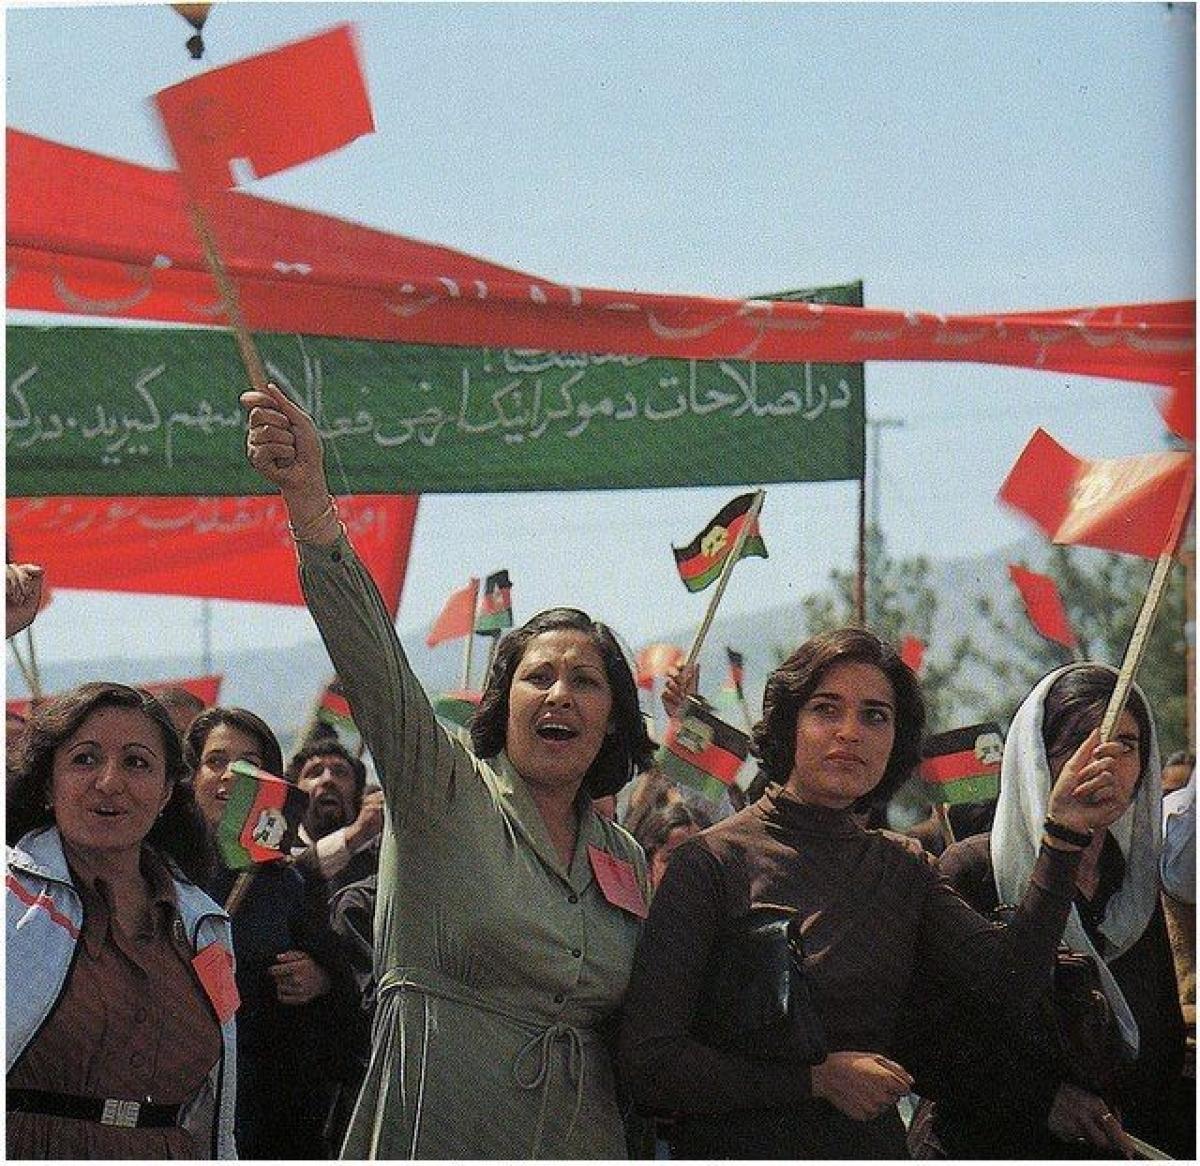 Những người phụ nữ Afghanistan xuống đường biểu tình năm 1980.